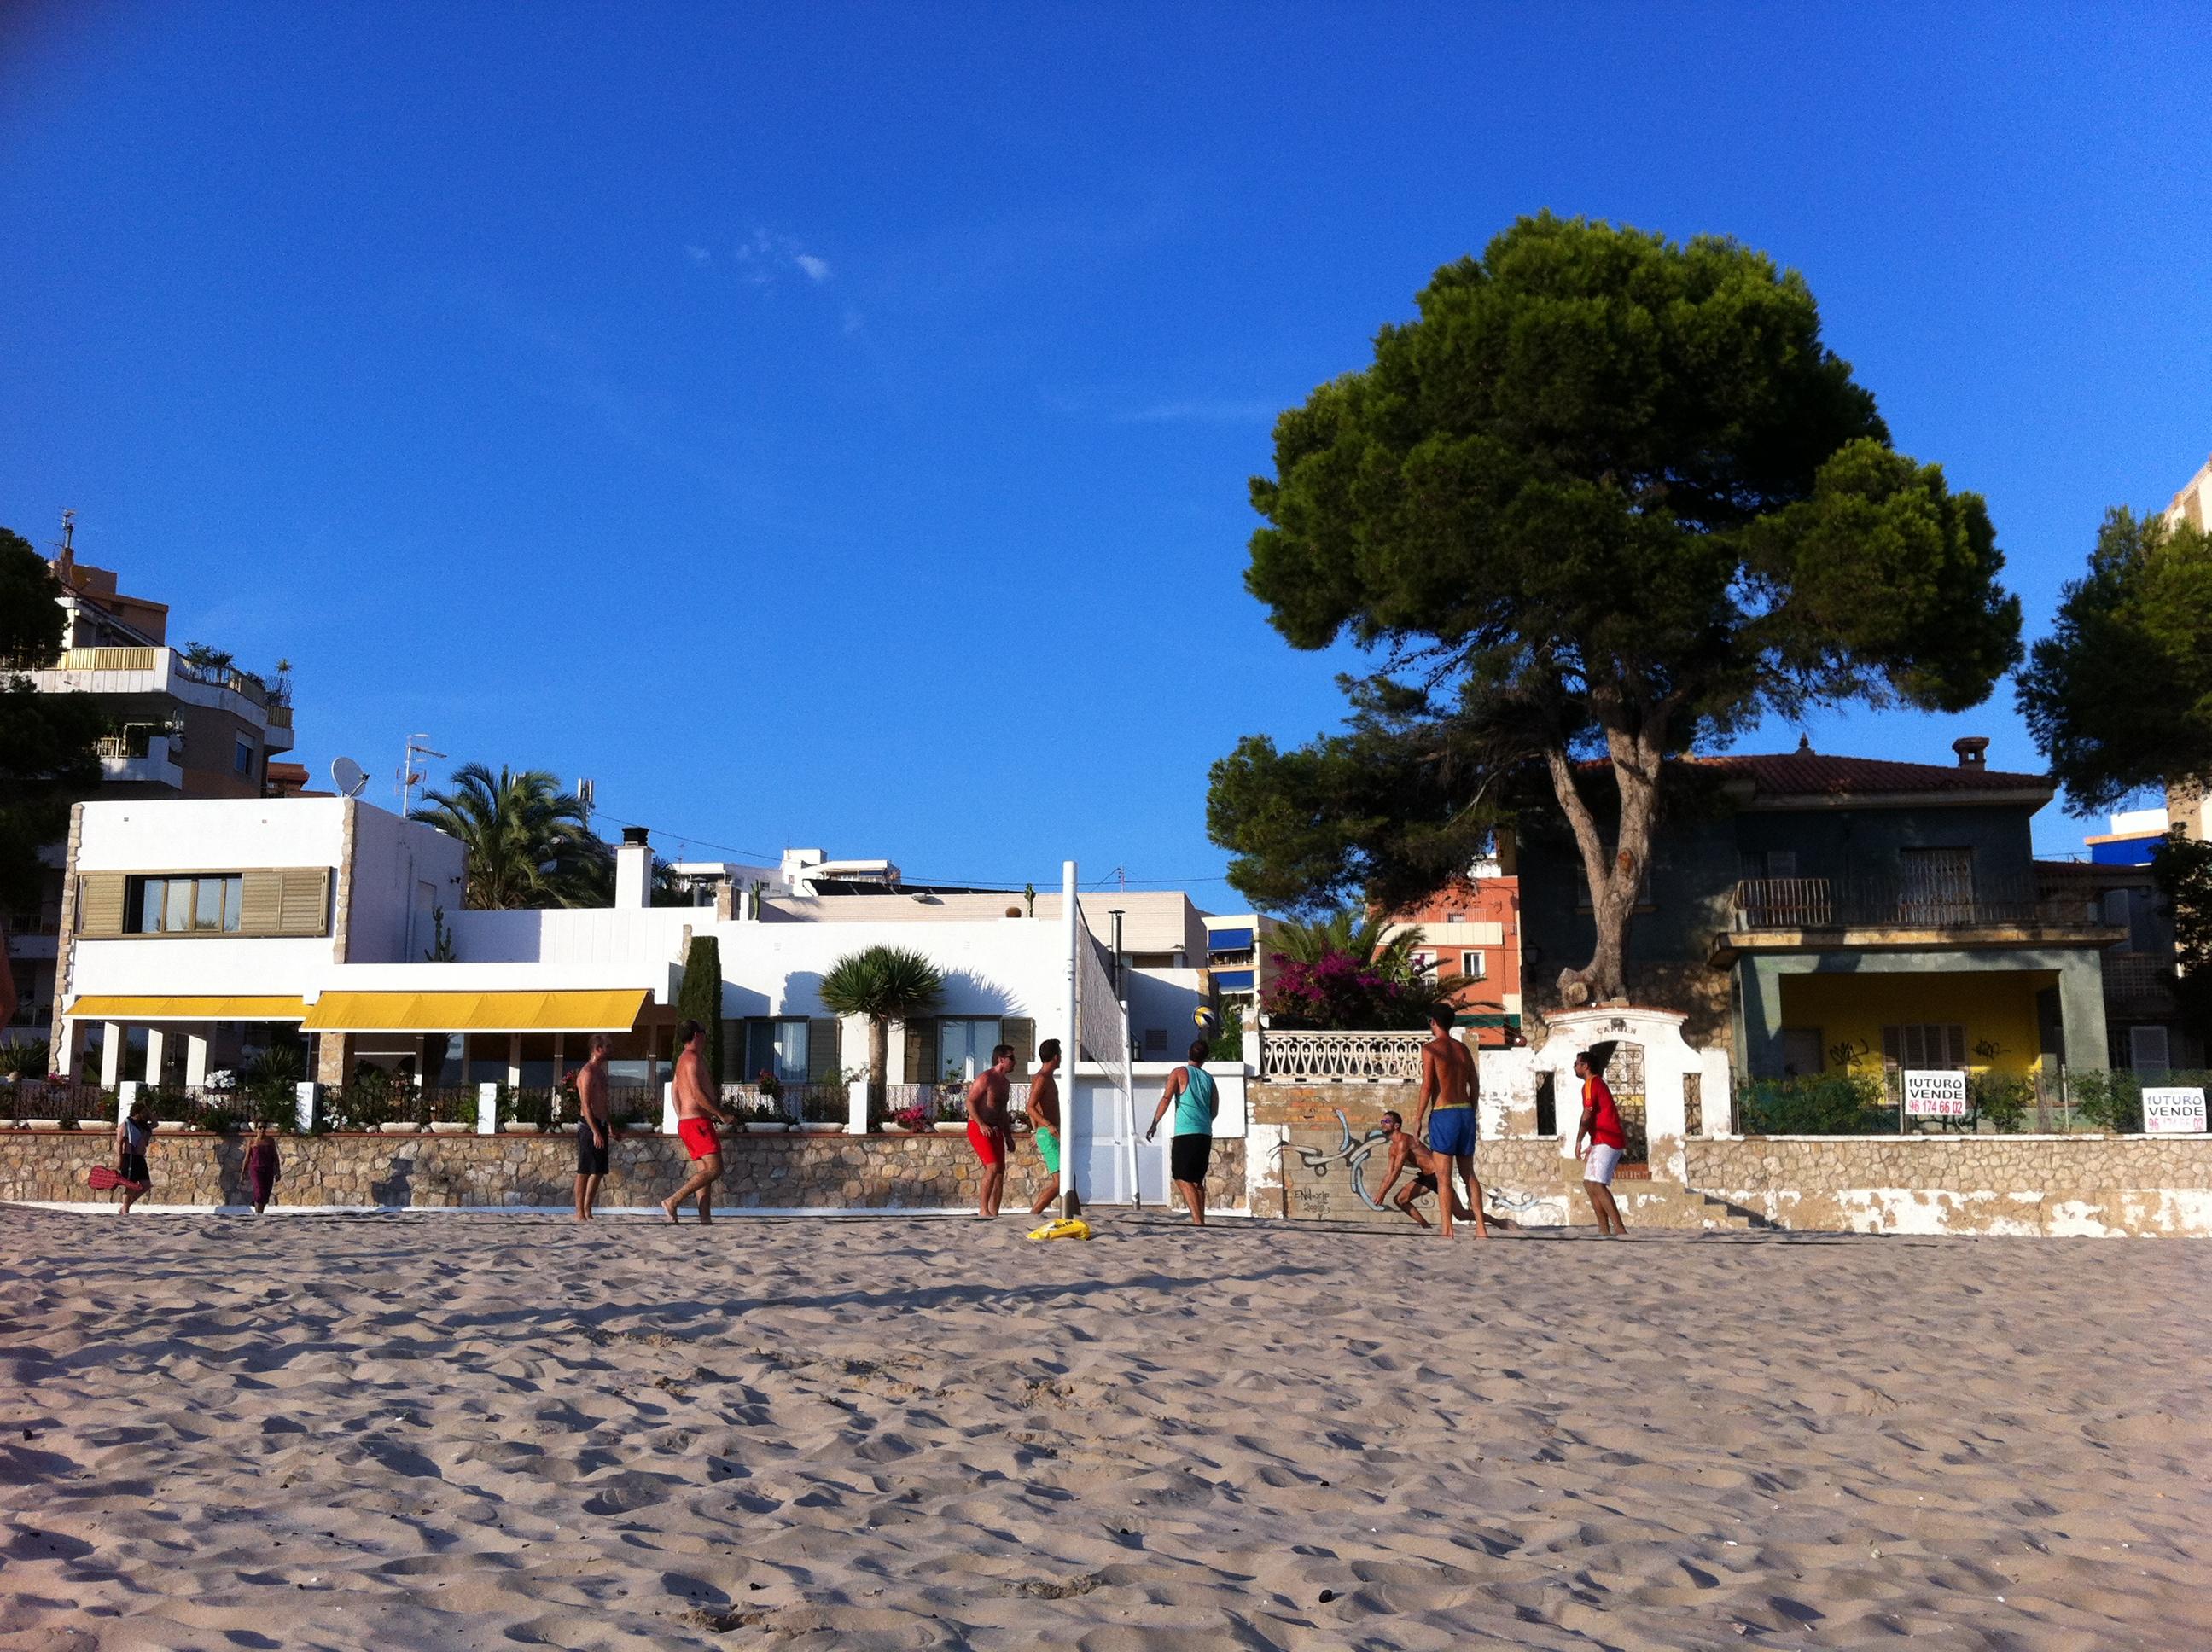 Voley en la playa de Los Olivos